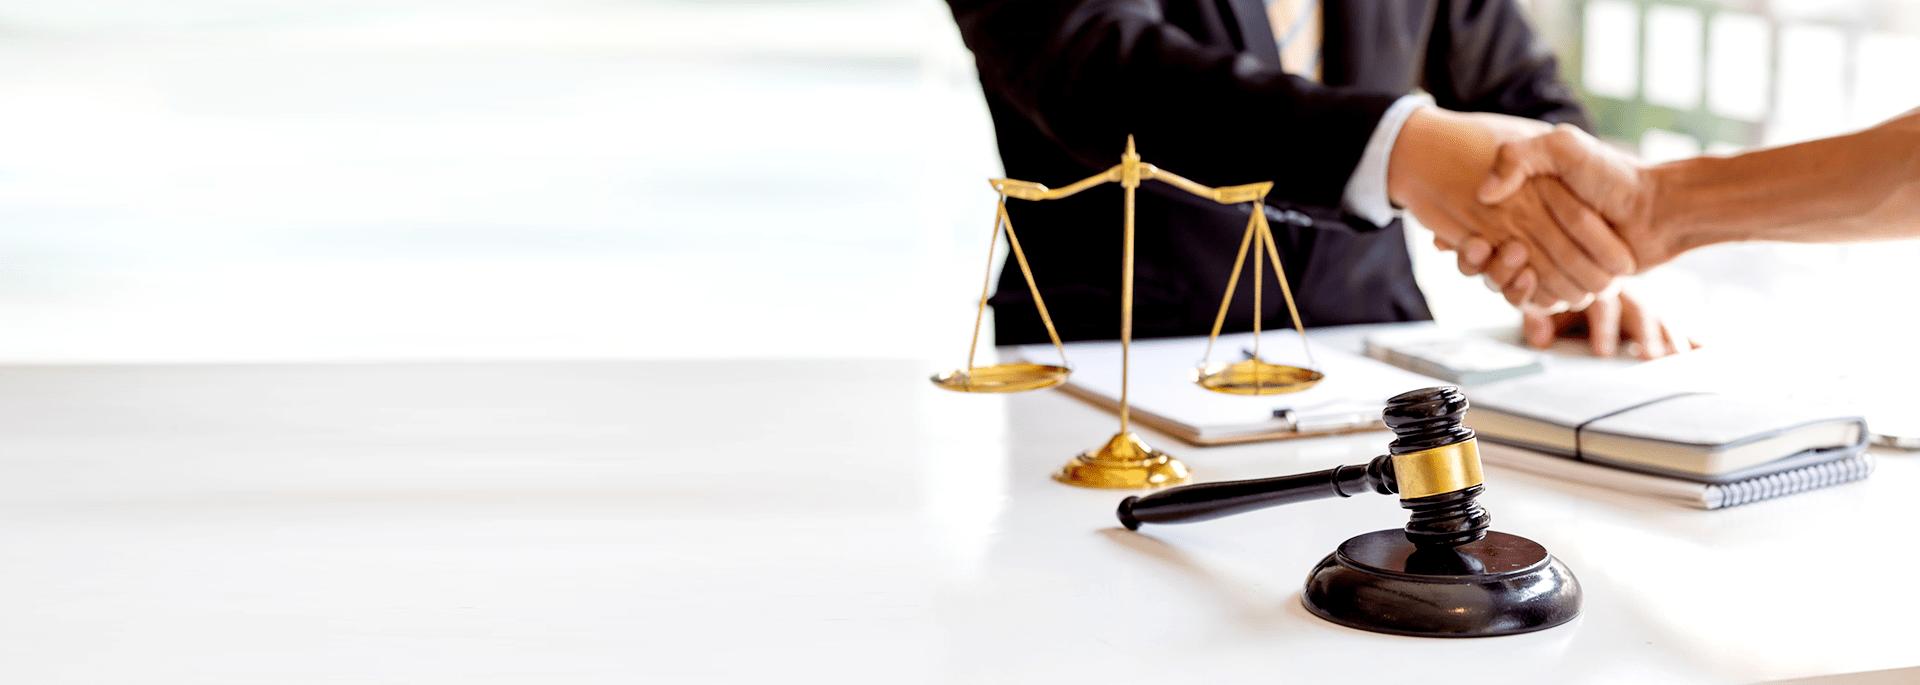 Successive Legal